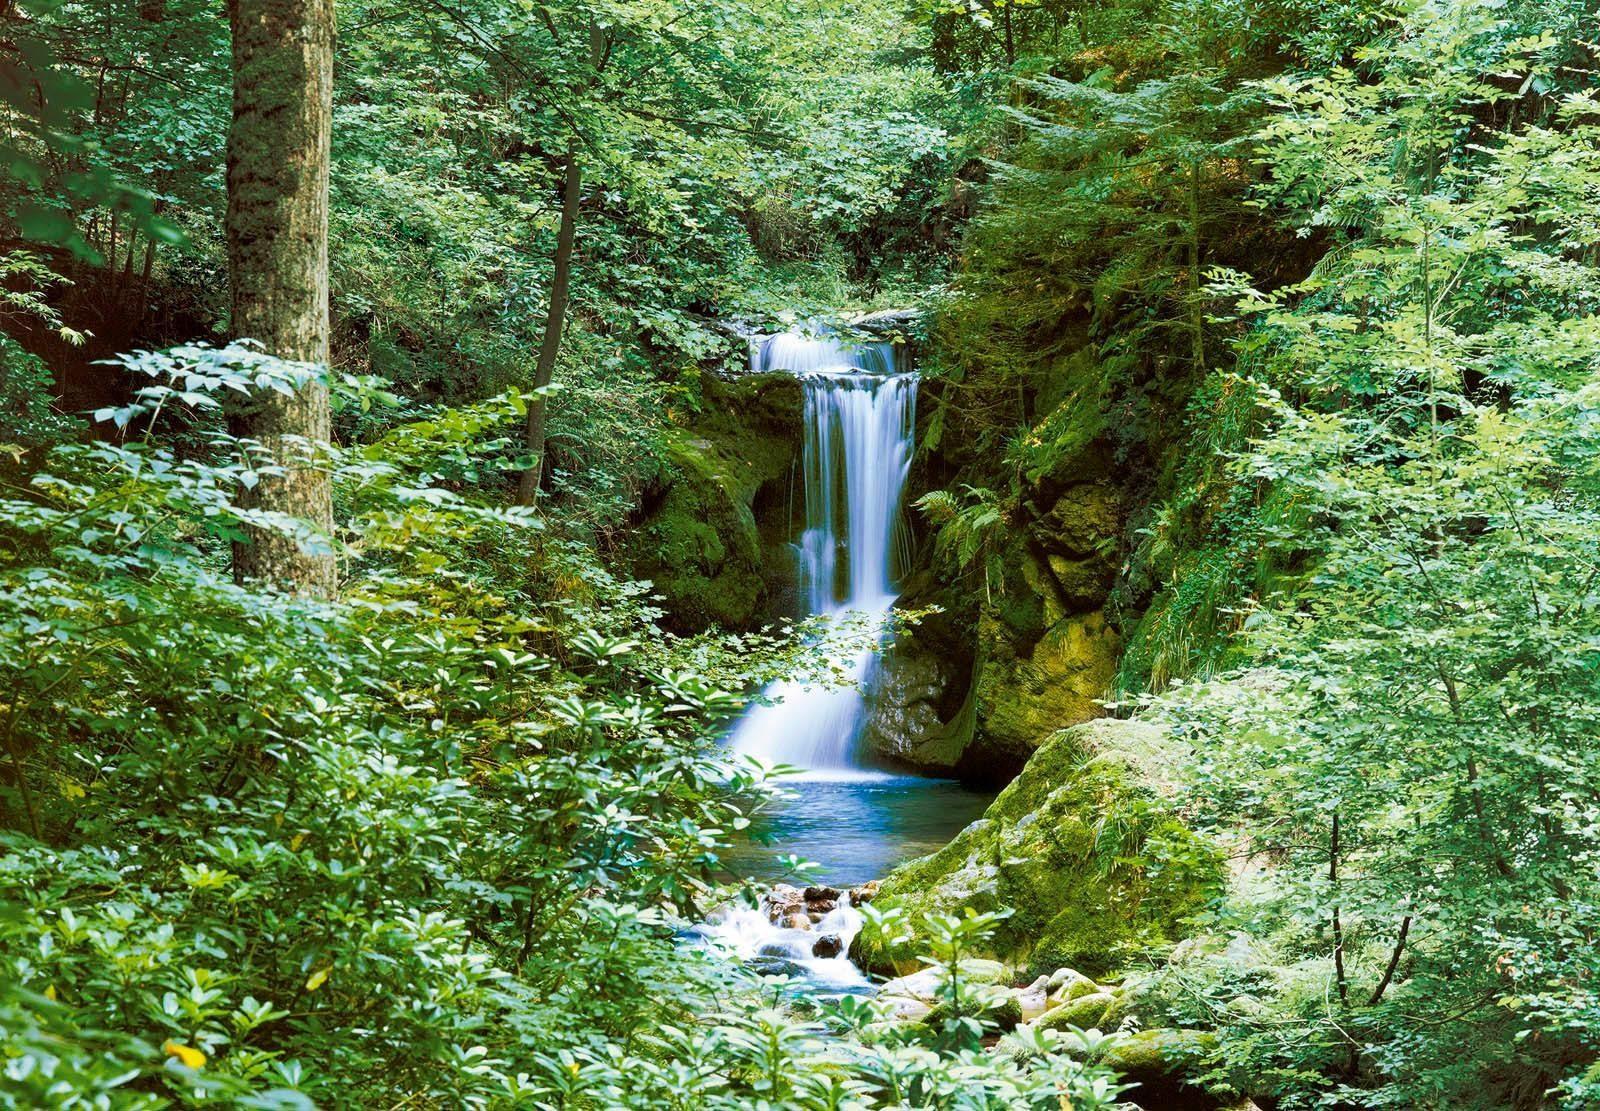 Fototapete »Wasserfall im Frühjahr« 366/254 cm